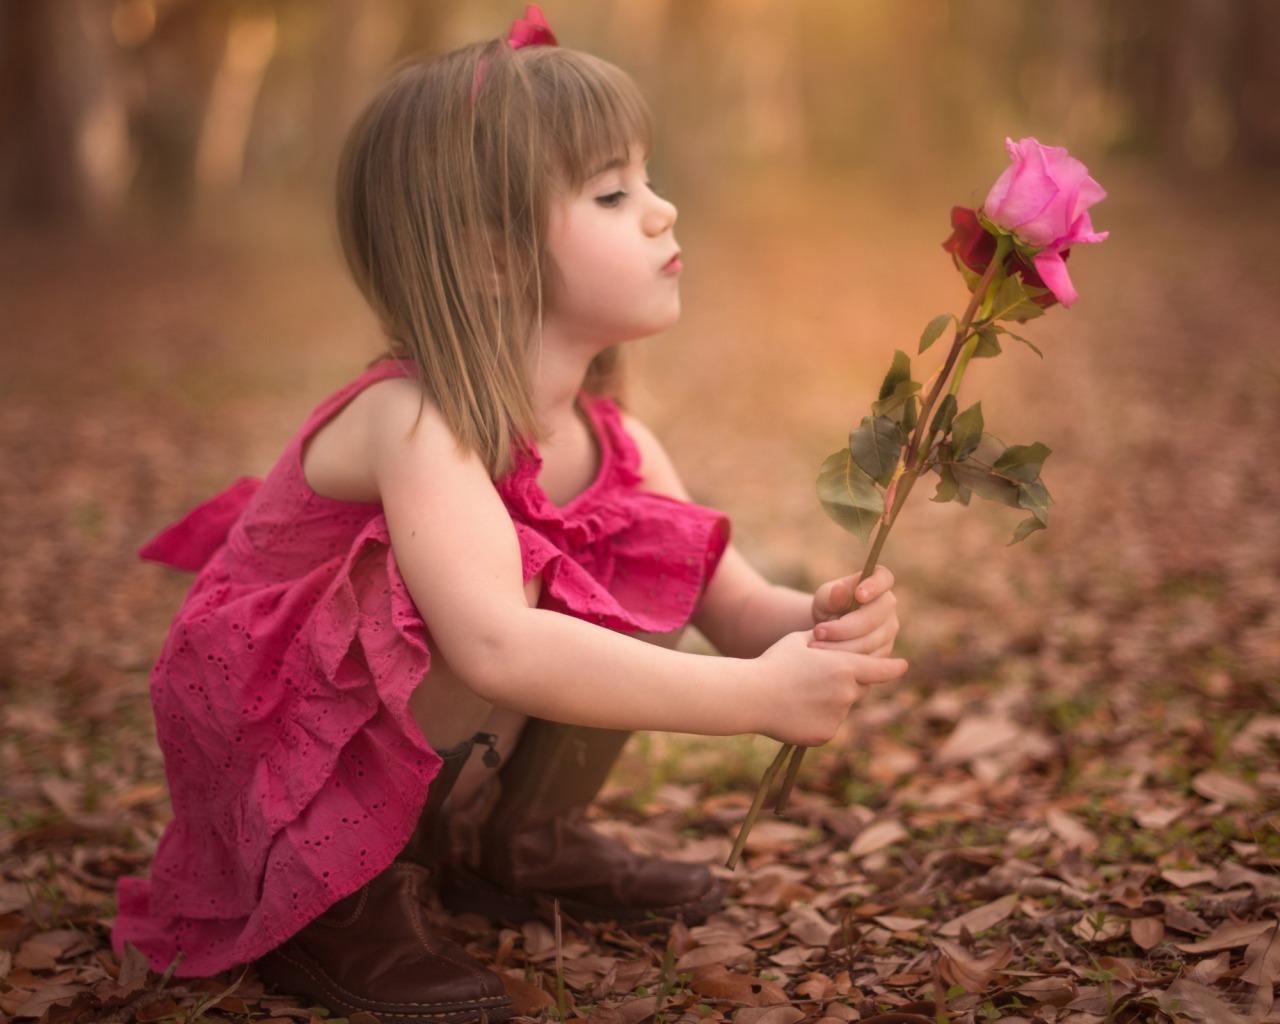 صور احدث صور اطفال , جمال الاطفال الصغيرين الحلوات